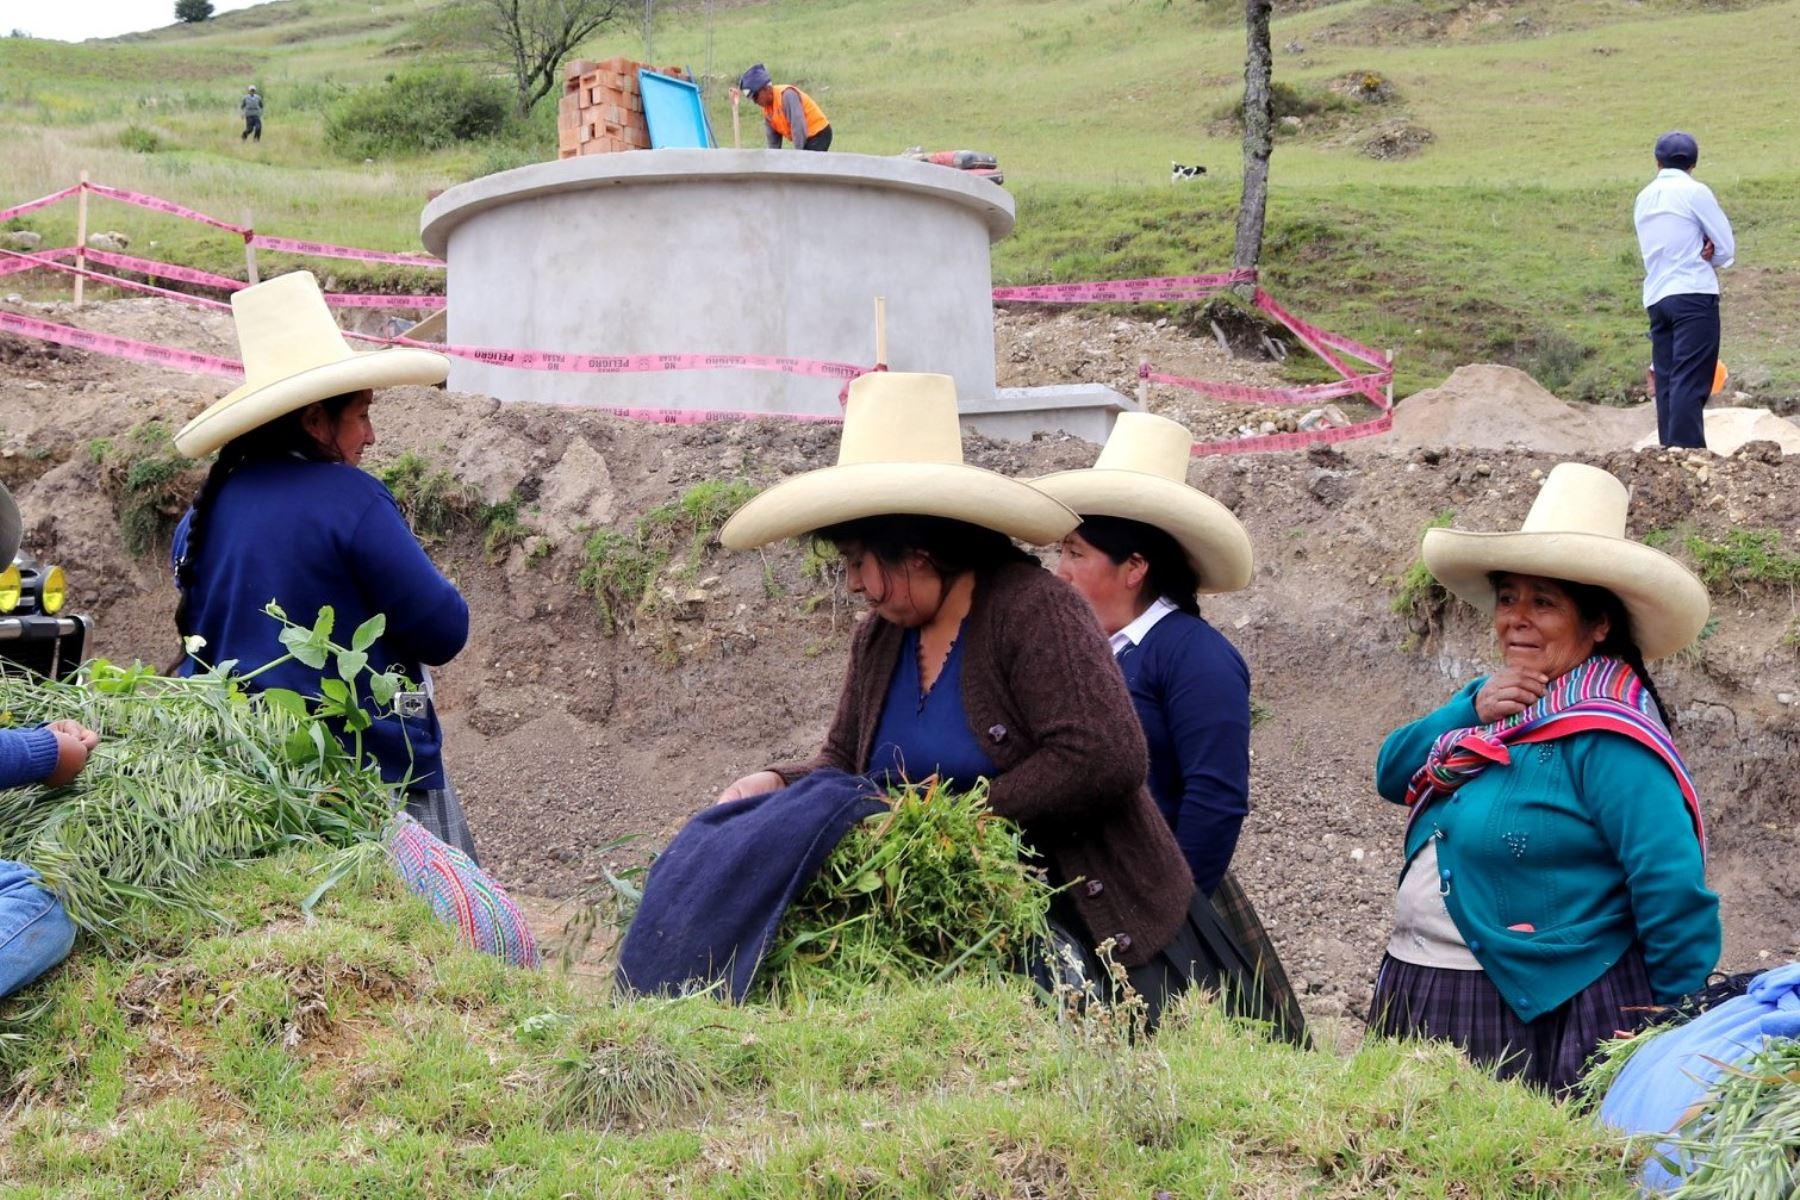 Población de los sectores rurales de Cajamarca se beneficia con la ejecución de obras e infraestructura.